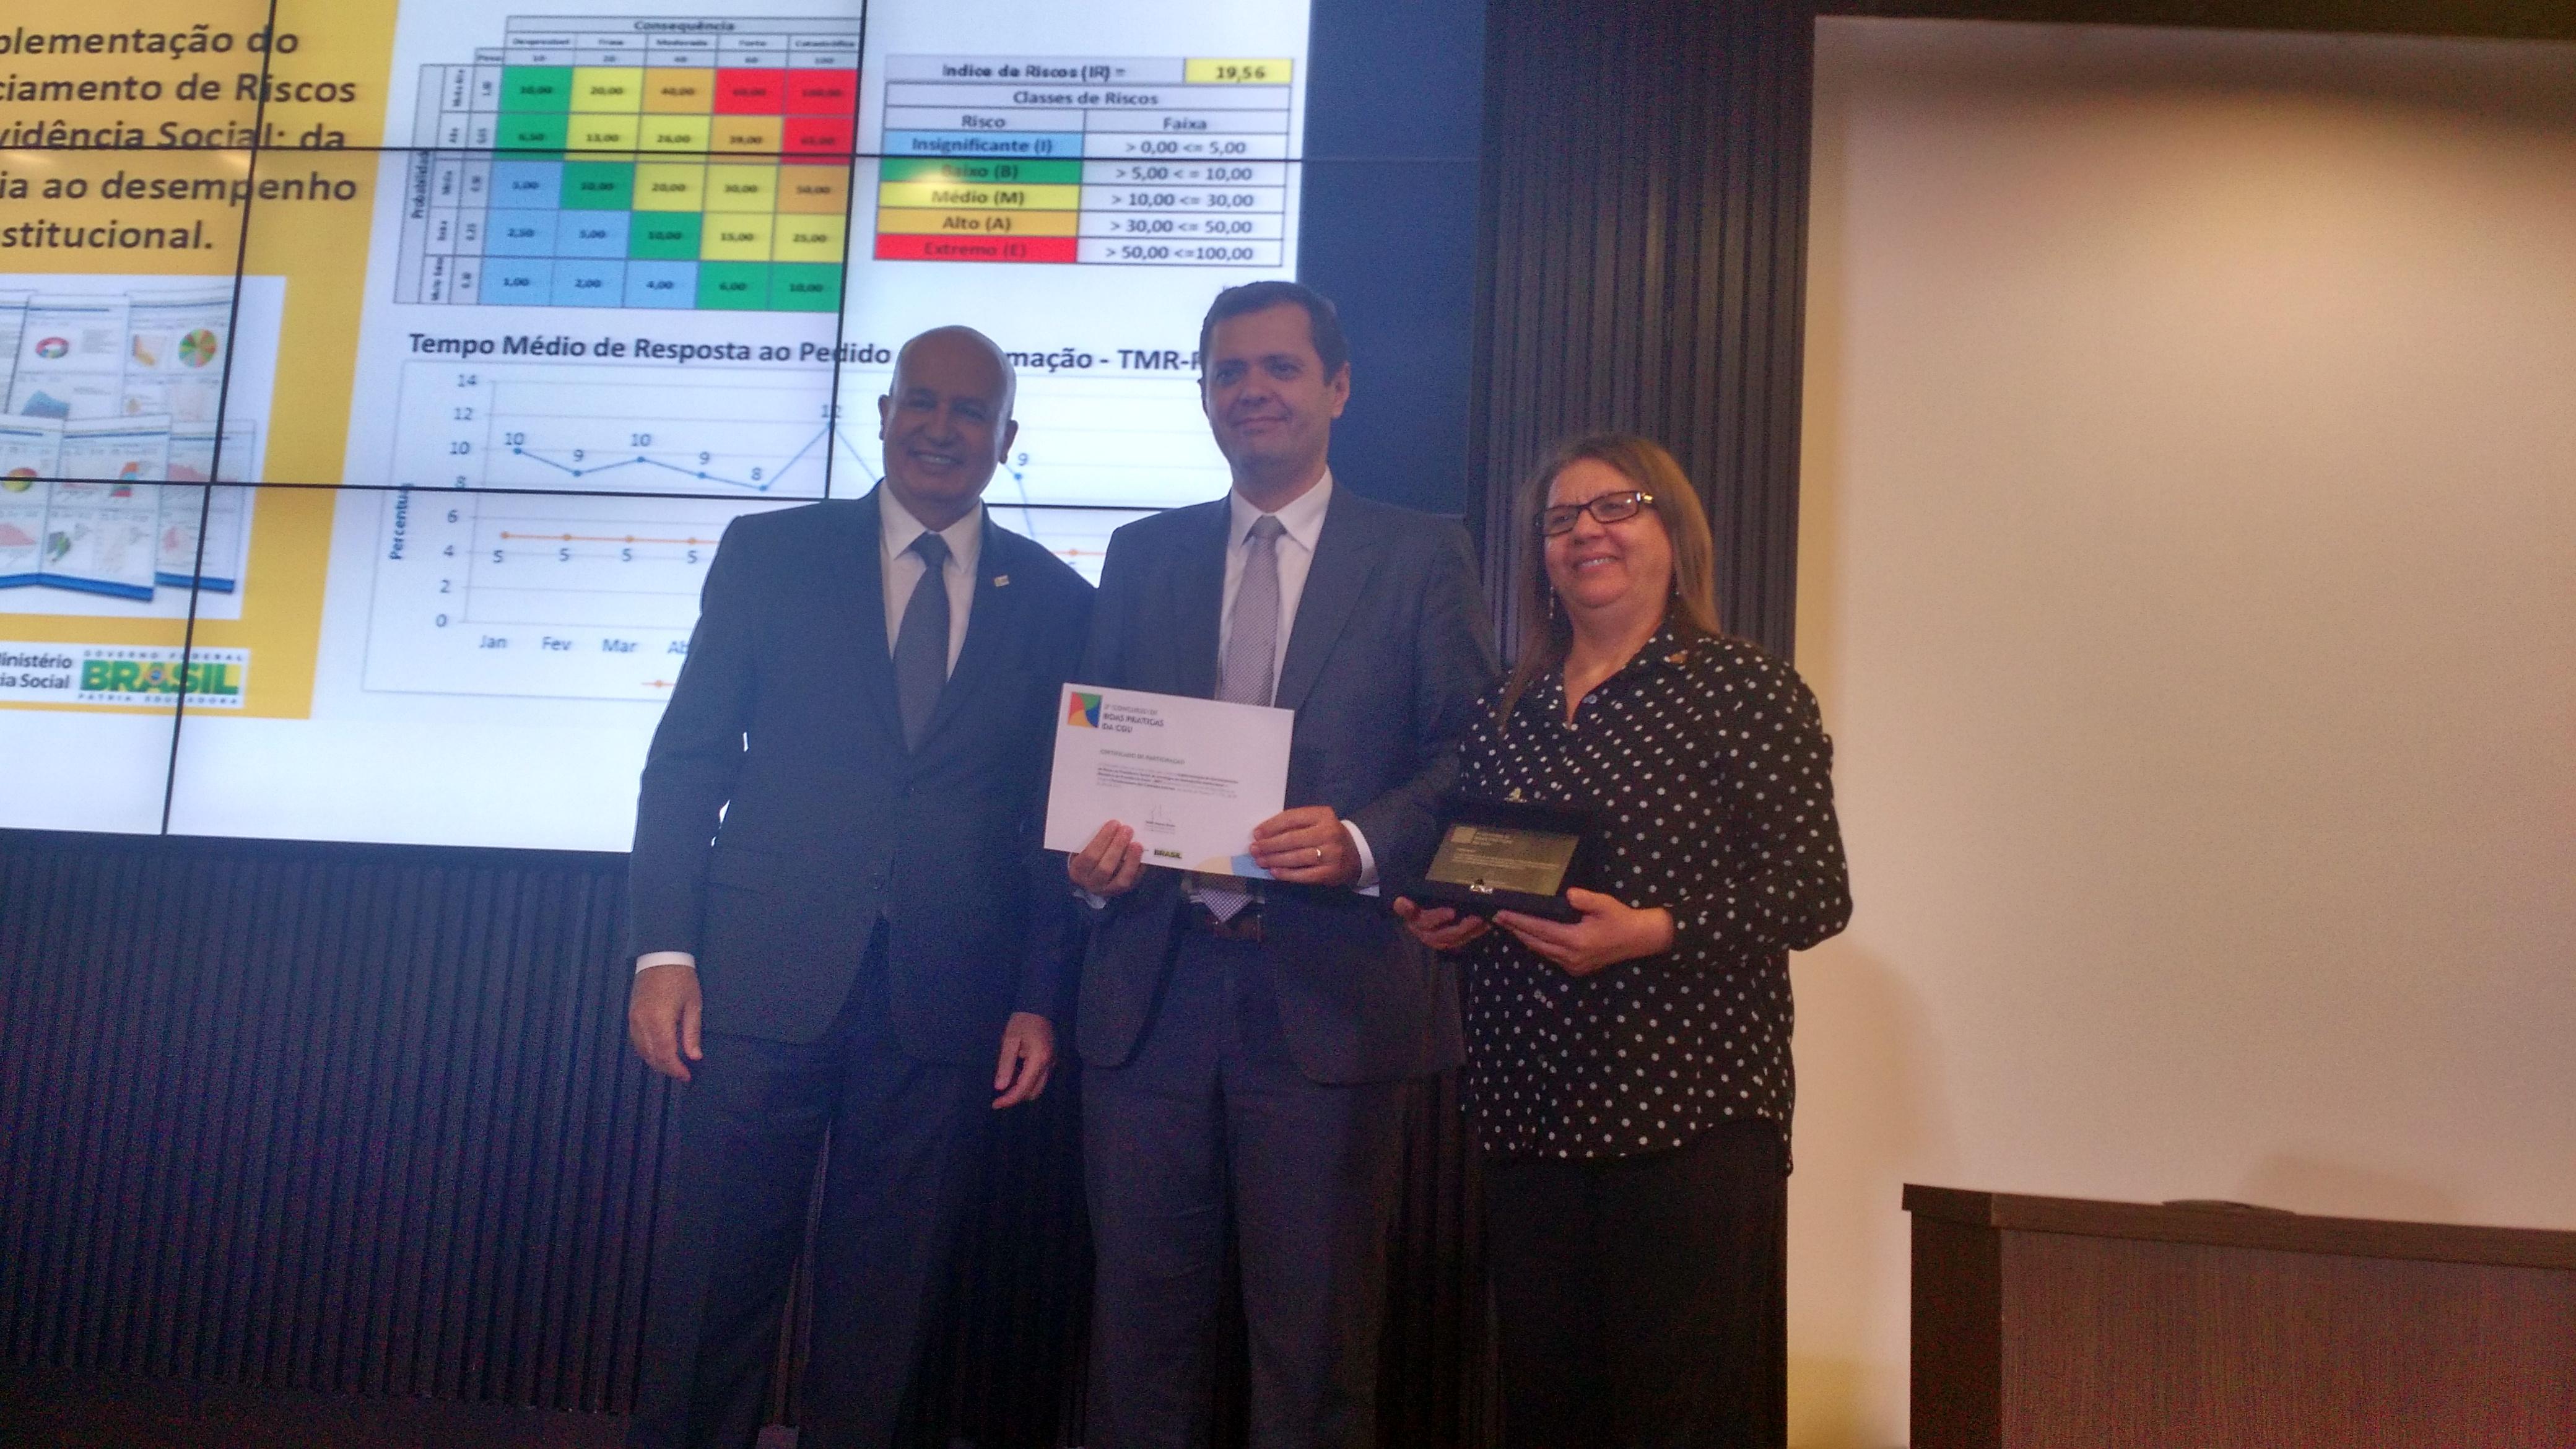 O ministro-chefe da CGU, Valdir Simão, entrega o prêmio para o secretário-executivo do MTPS, Cláudio Puty, e para a assessora do MTPS, Nicir Chaves. Foto: João Victor Bezerra.